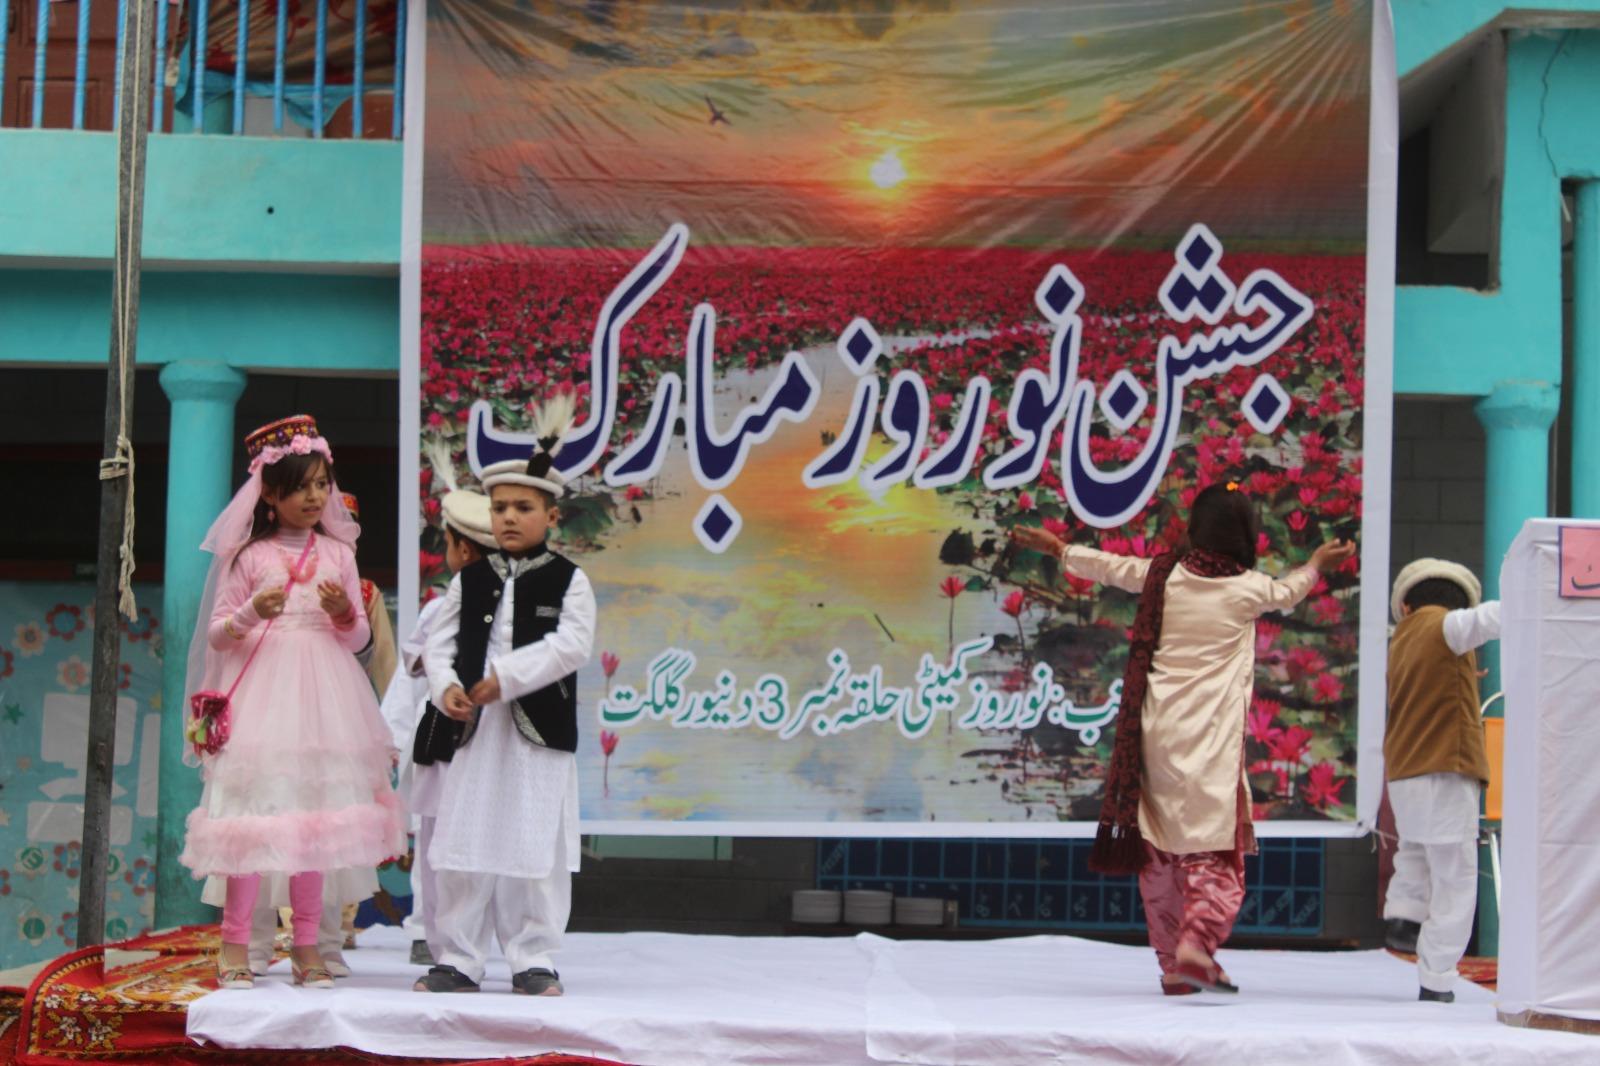 جشنِ نوروز کی مناسبت سے دنیور میں رنگارنگ تقریب منعقد